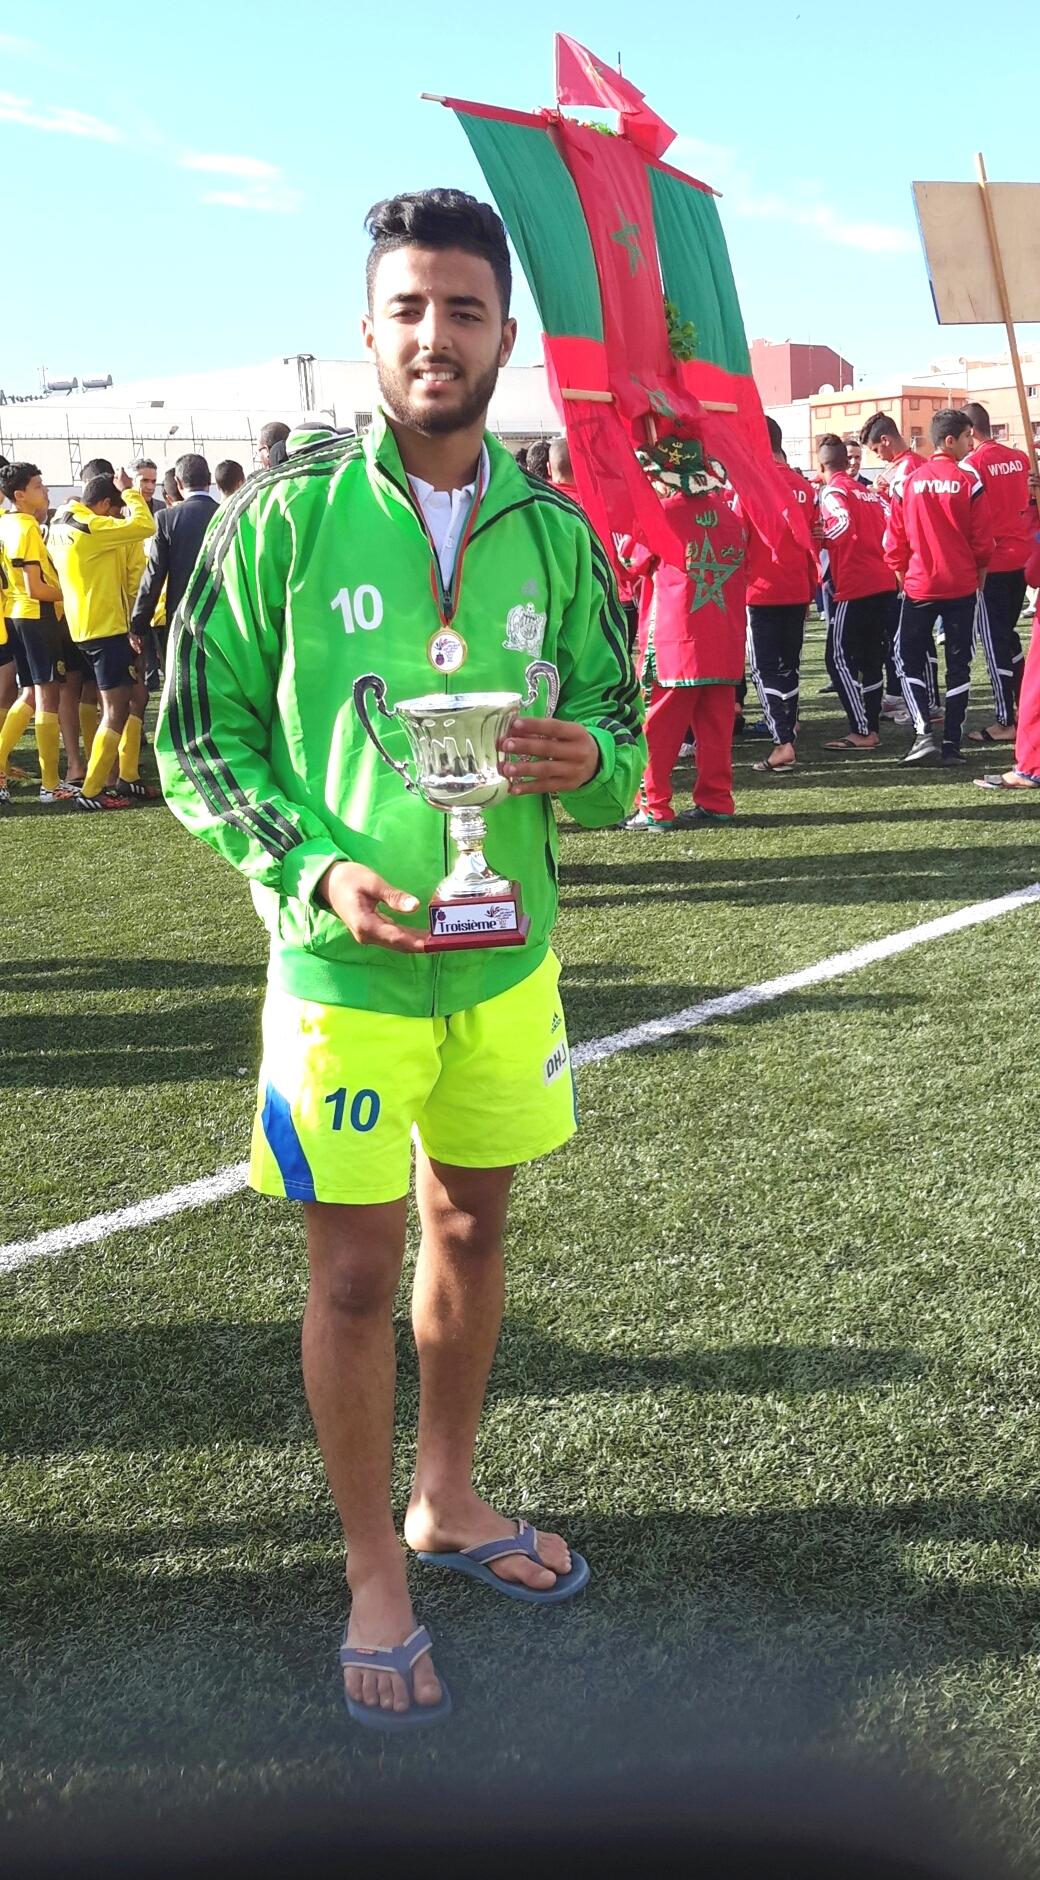 اللاعب إلياس لوخناتي أفضل هداف في  بطولة الشبان لكرة القدم  بالجديدة